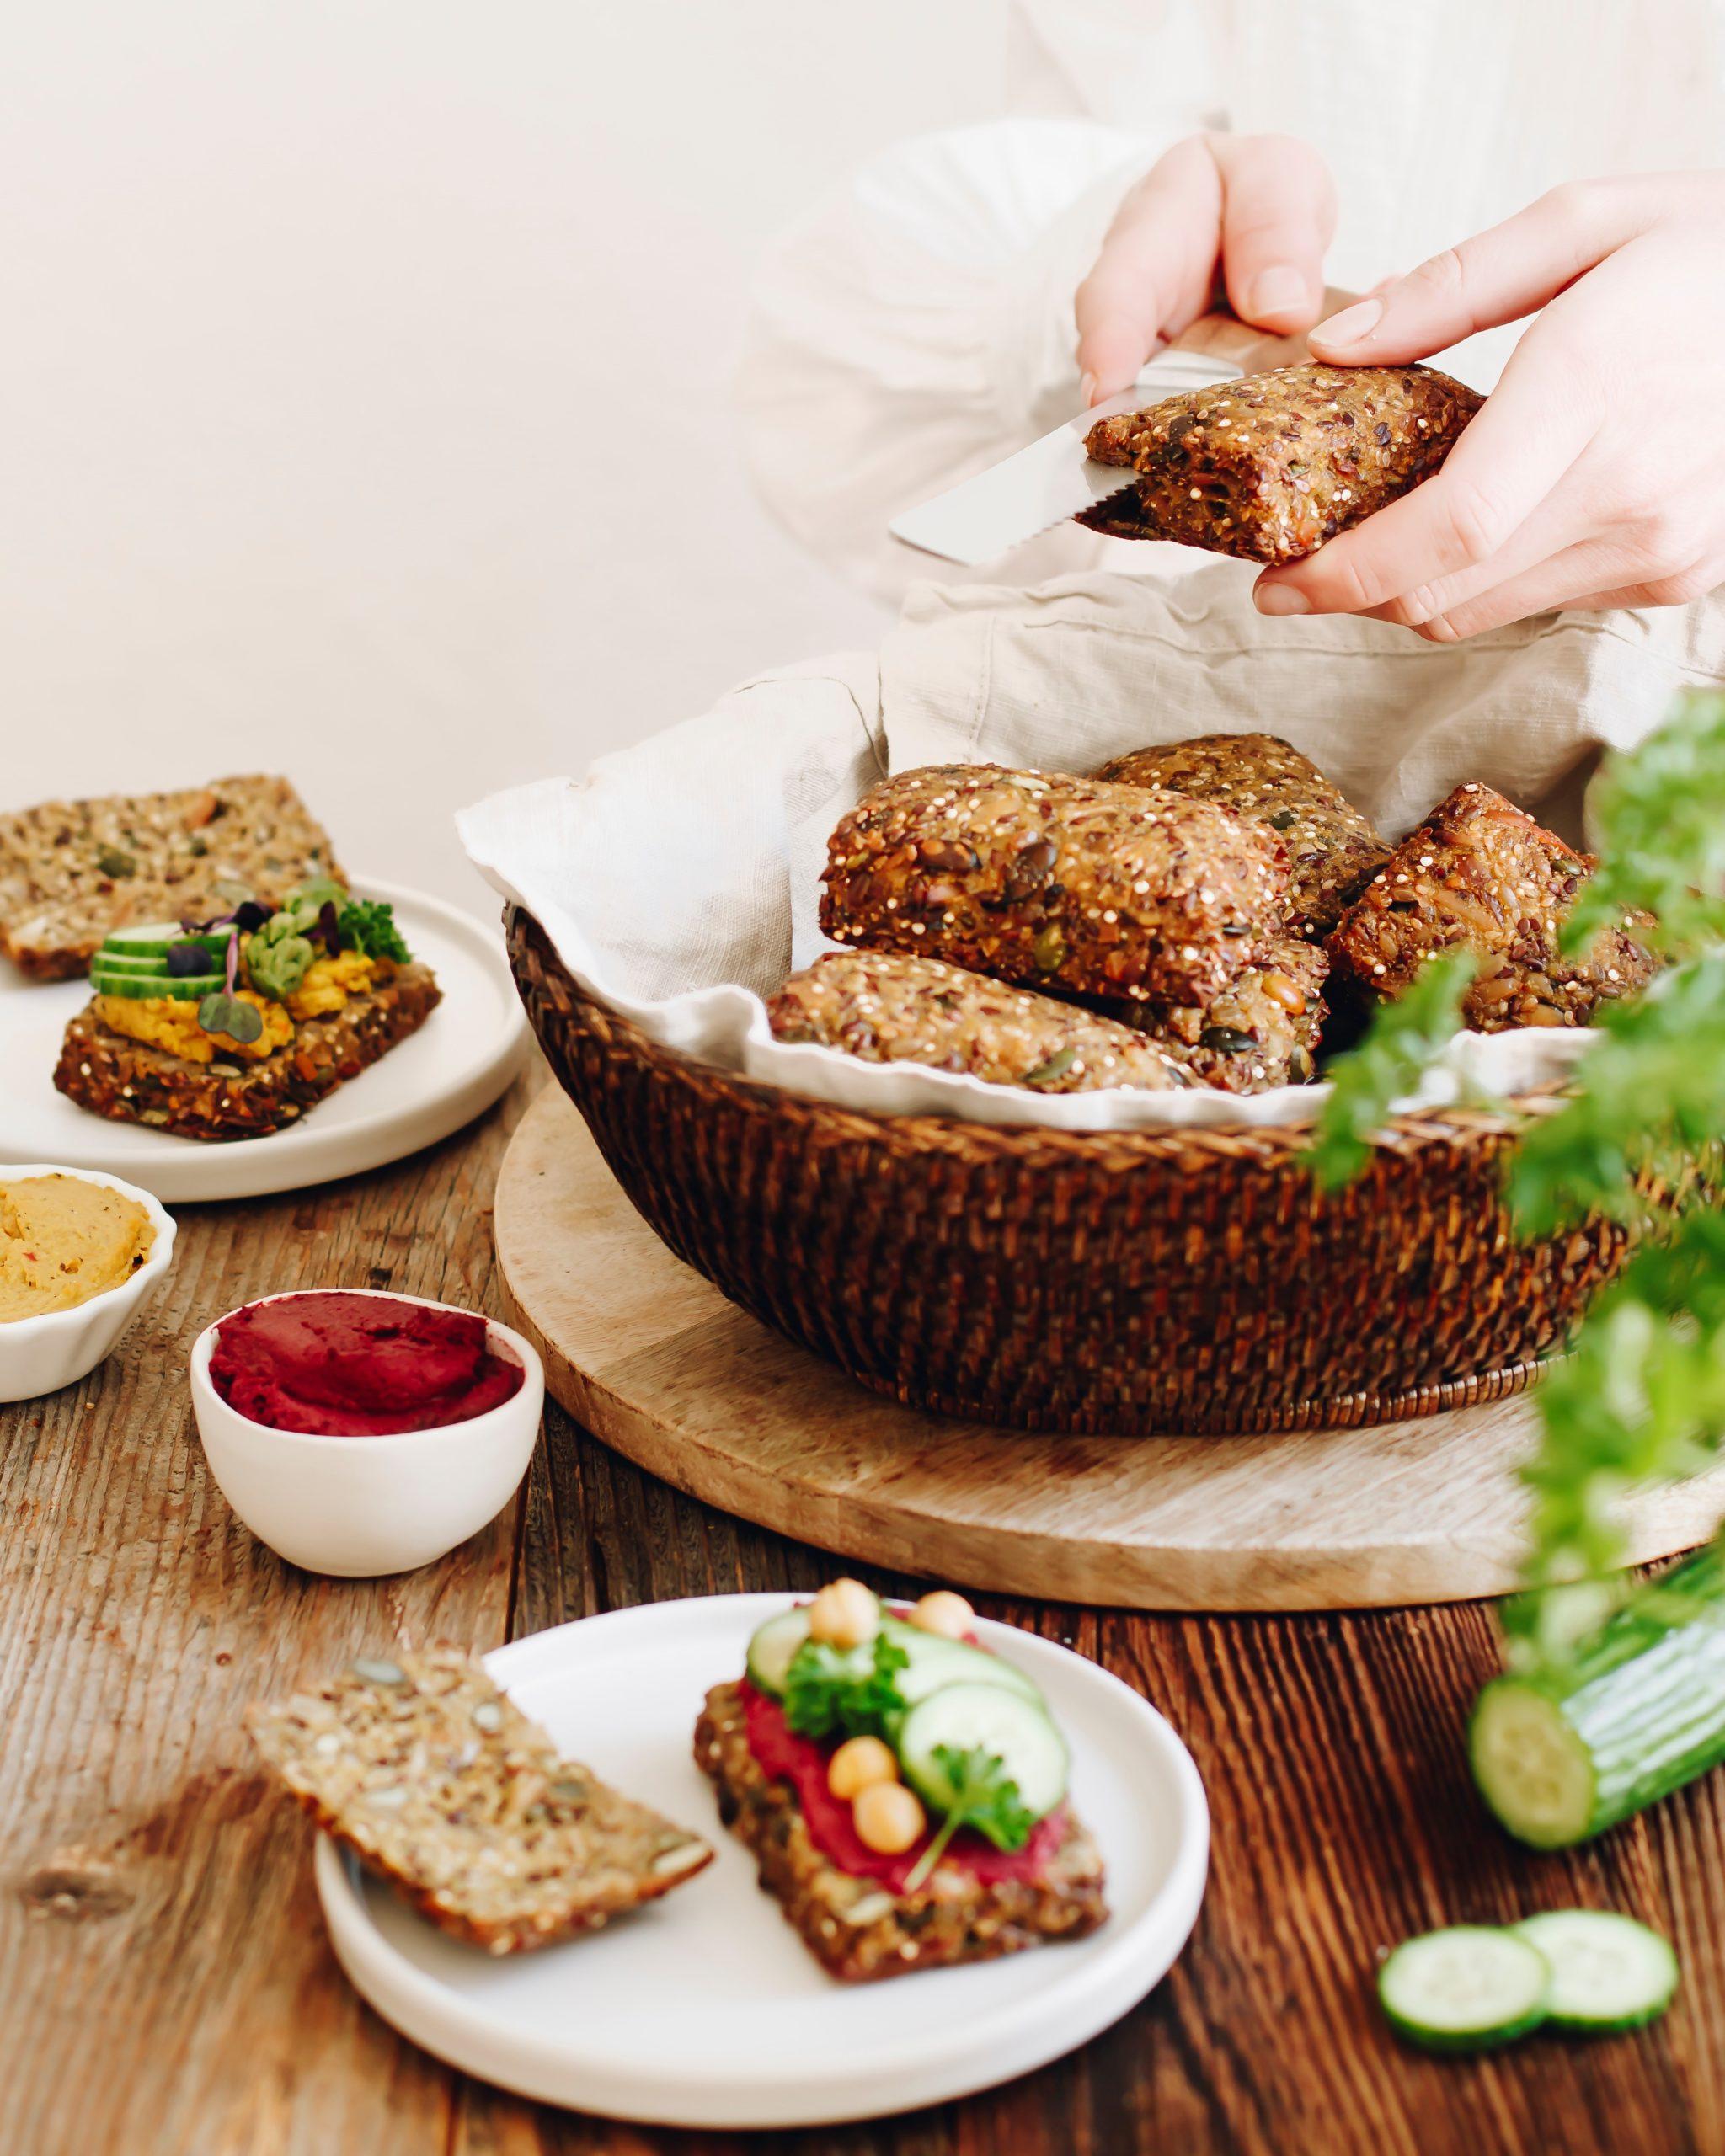 Brötchen im Korb mit Serviervorschlag Food Fotografie